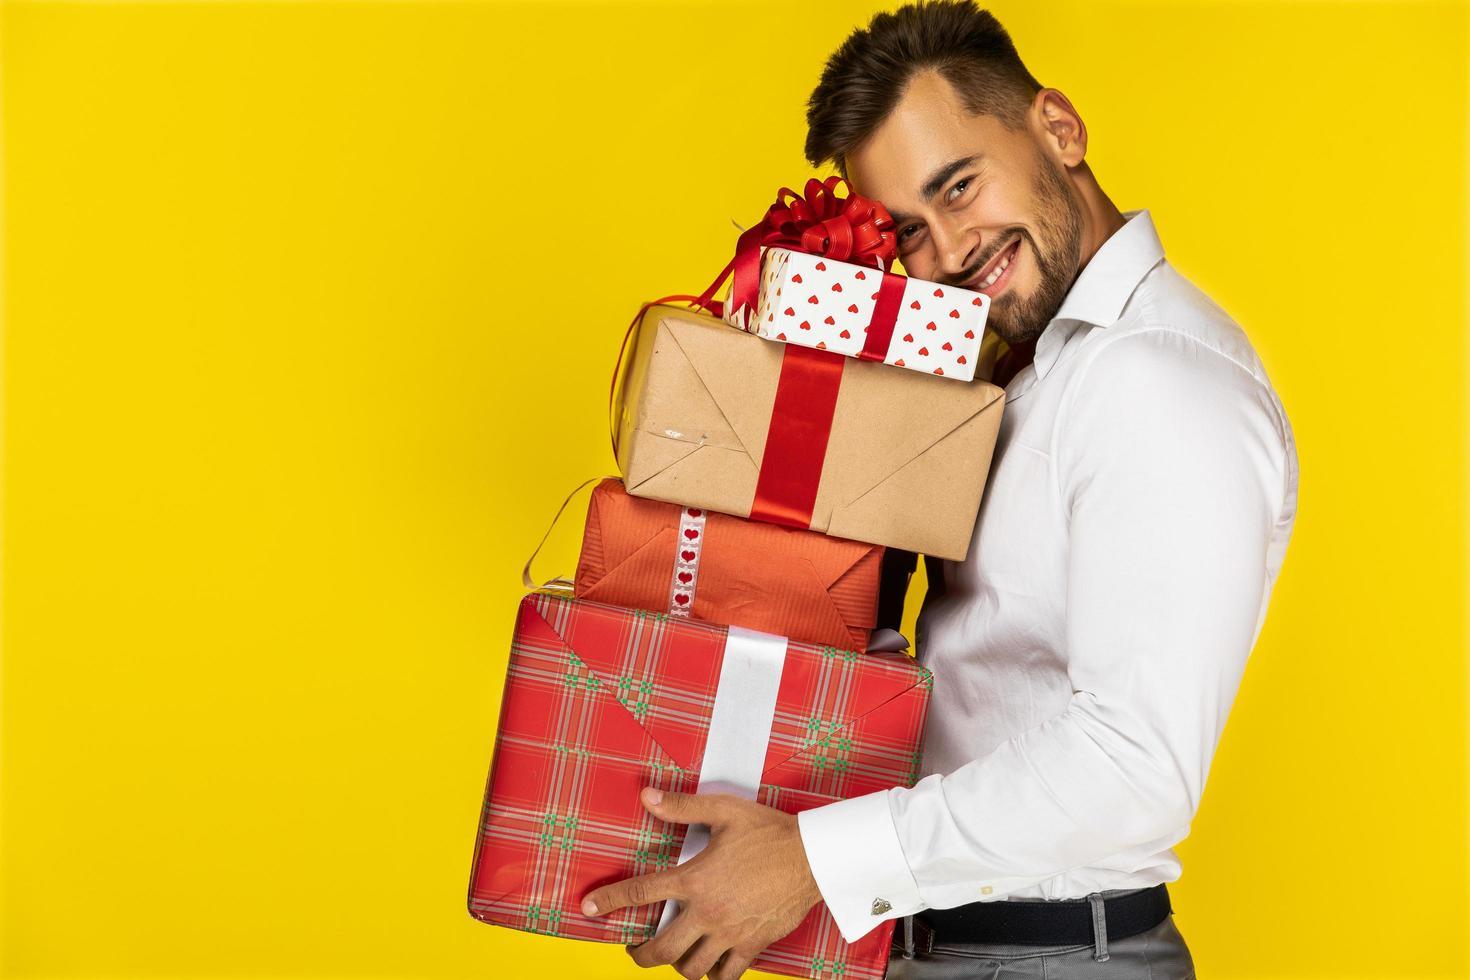 homme tenant des cadeaux photo